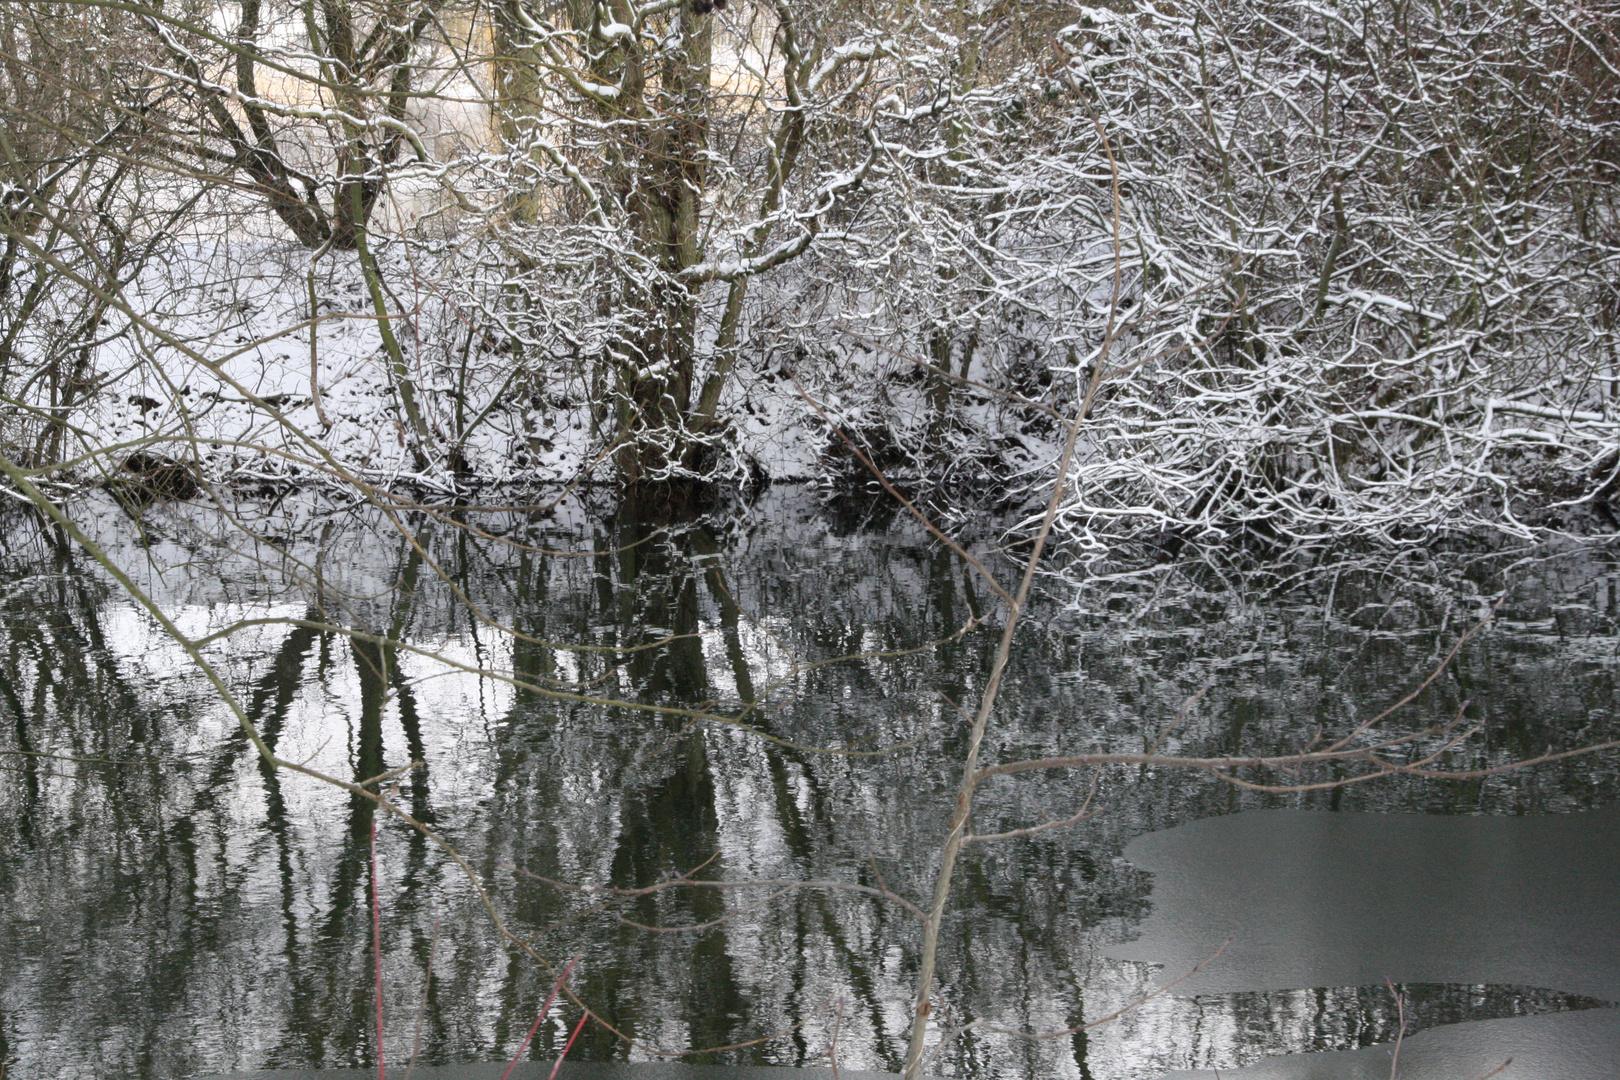 Winterliche Spiegelungen im Wasser